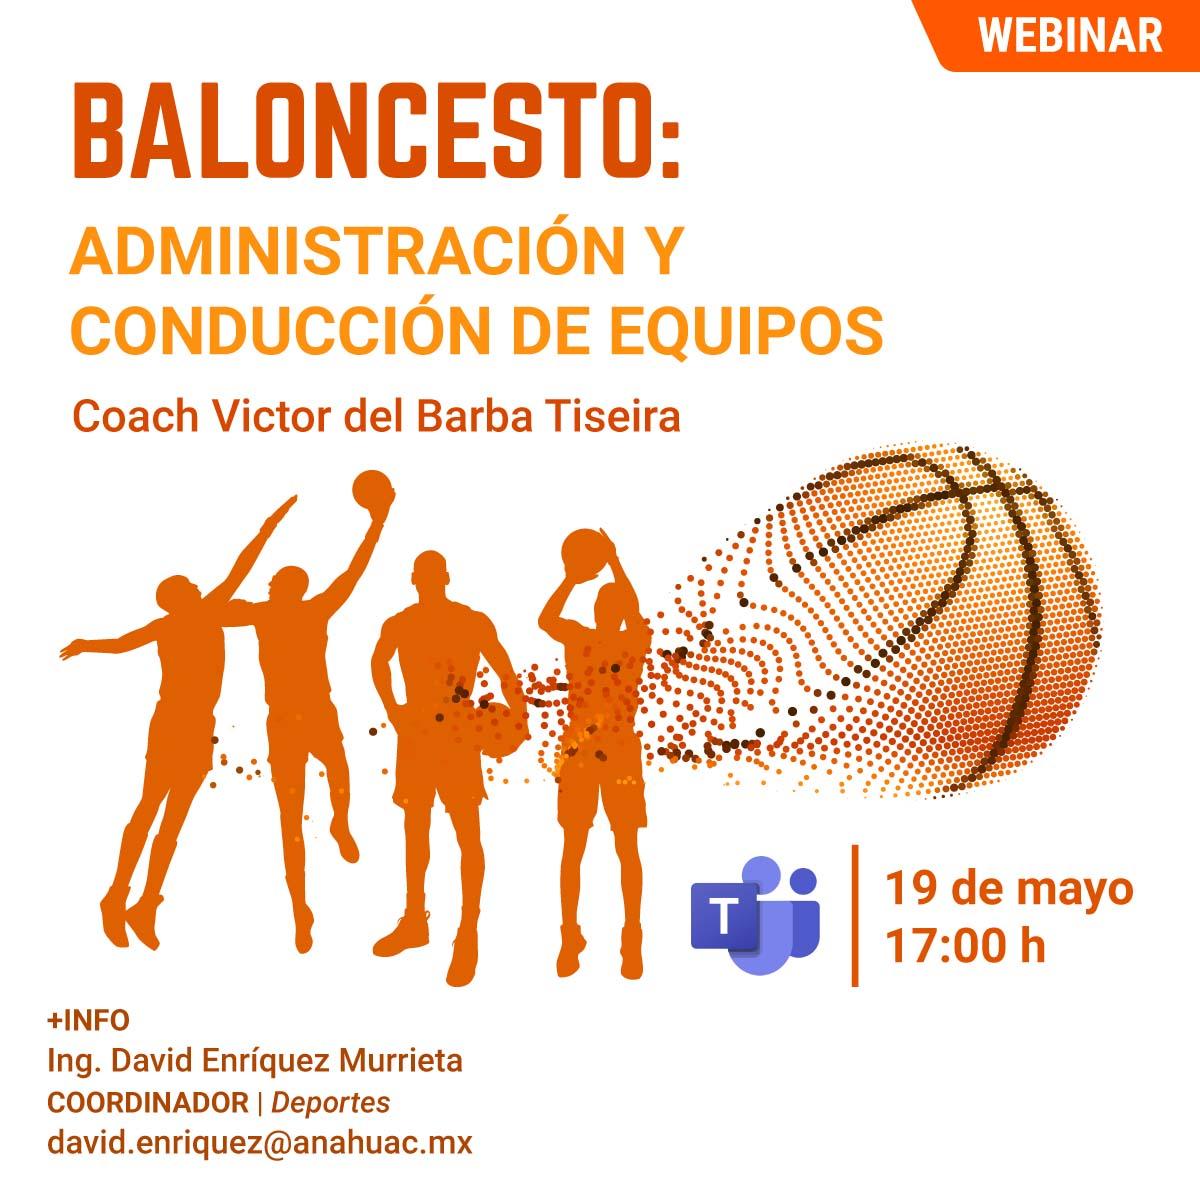 Baloncesto: Administración y Conducción de Equipos